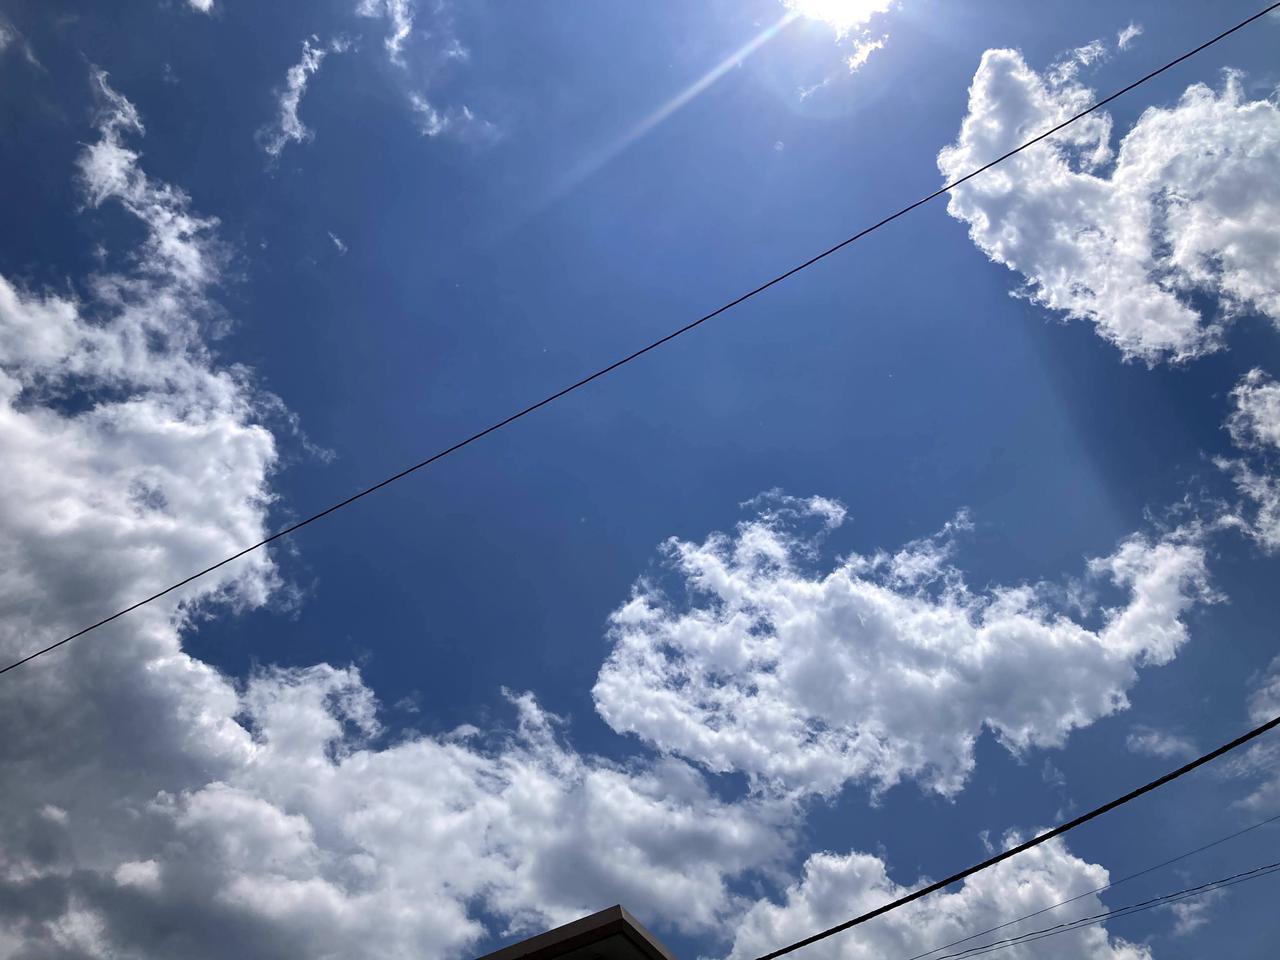 画像: 太陽光を集めて調理しますので、思った以上のパワーになります。